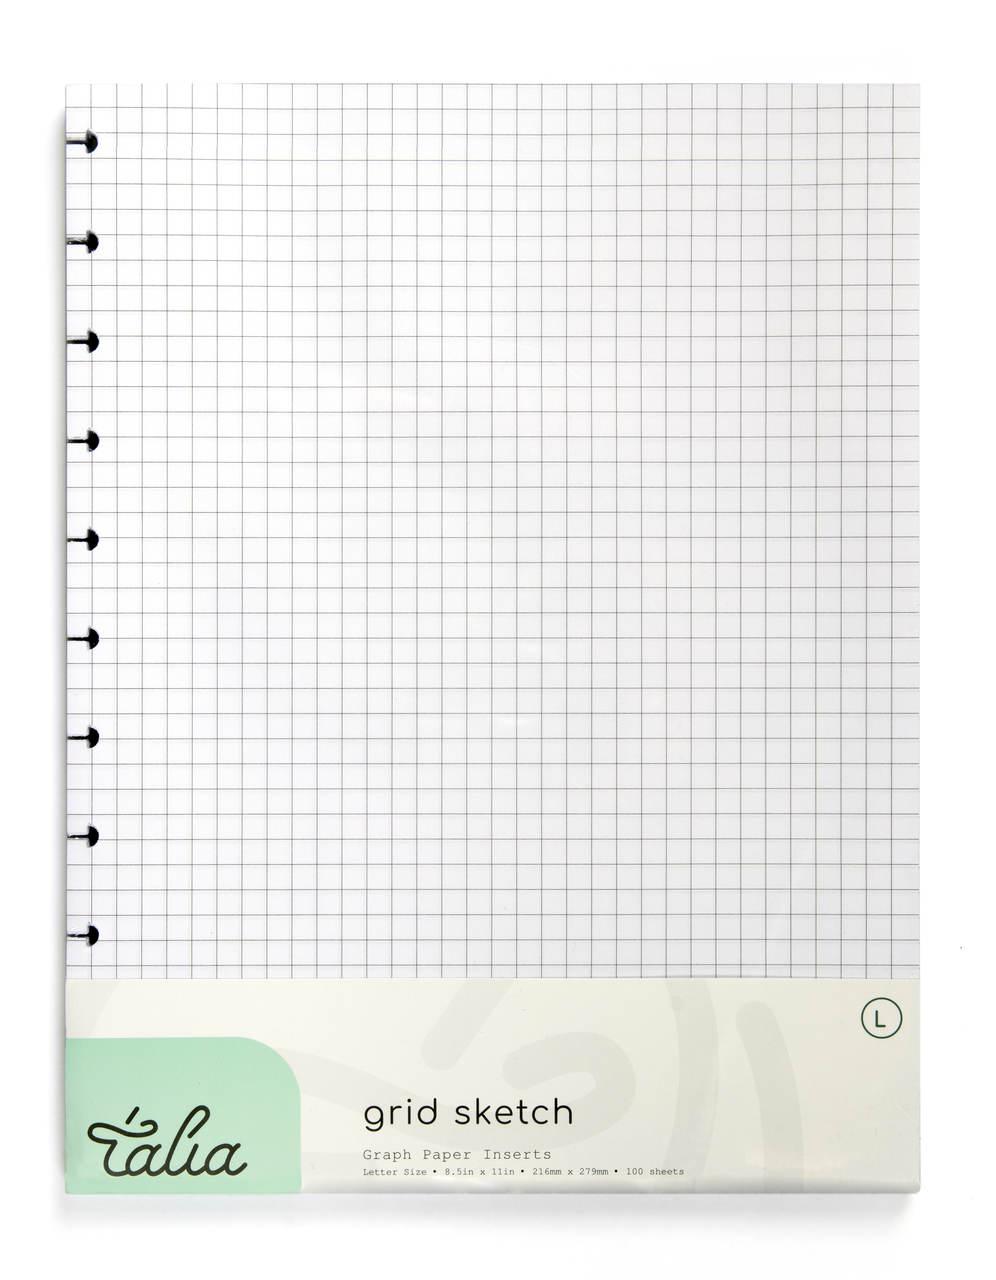 Recarga A4 Quadriculada 100 Folhas Caderno Inteligente Smart Talia